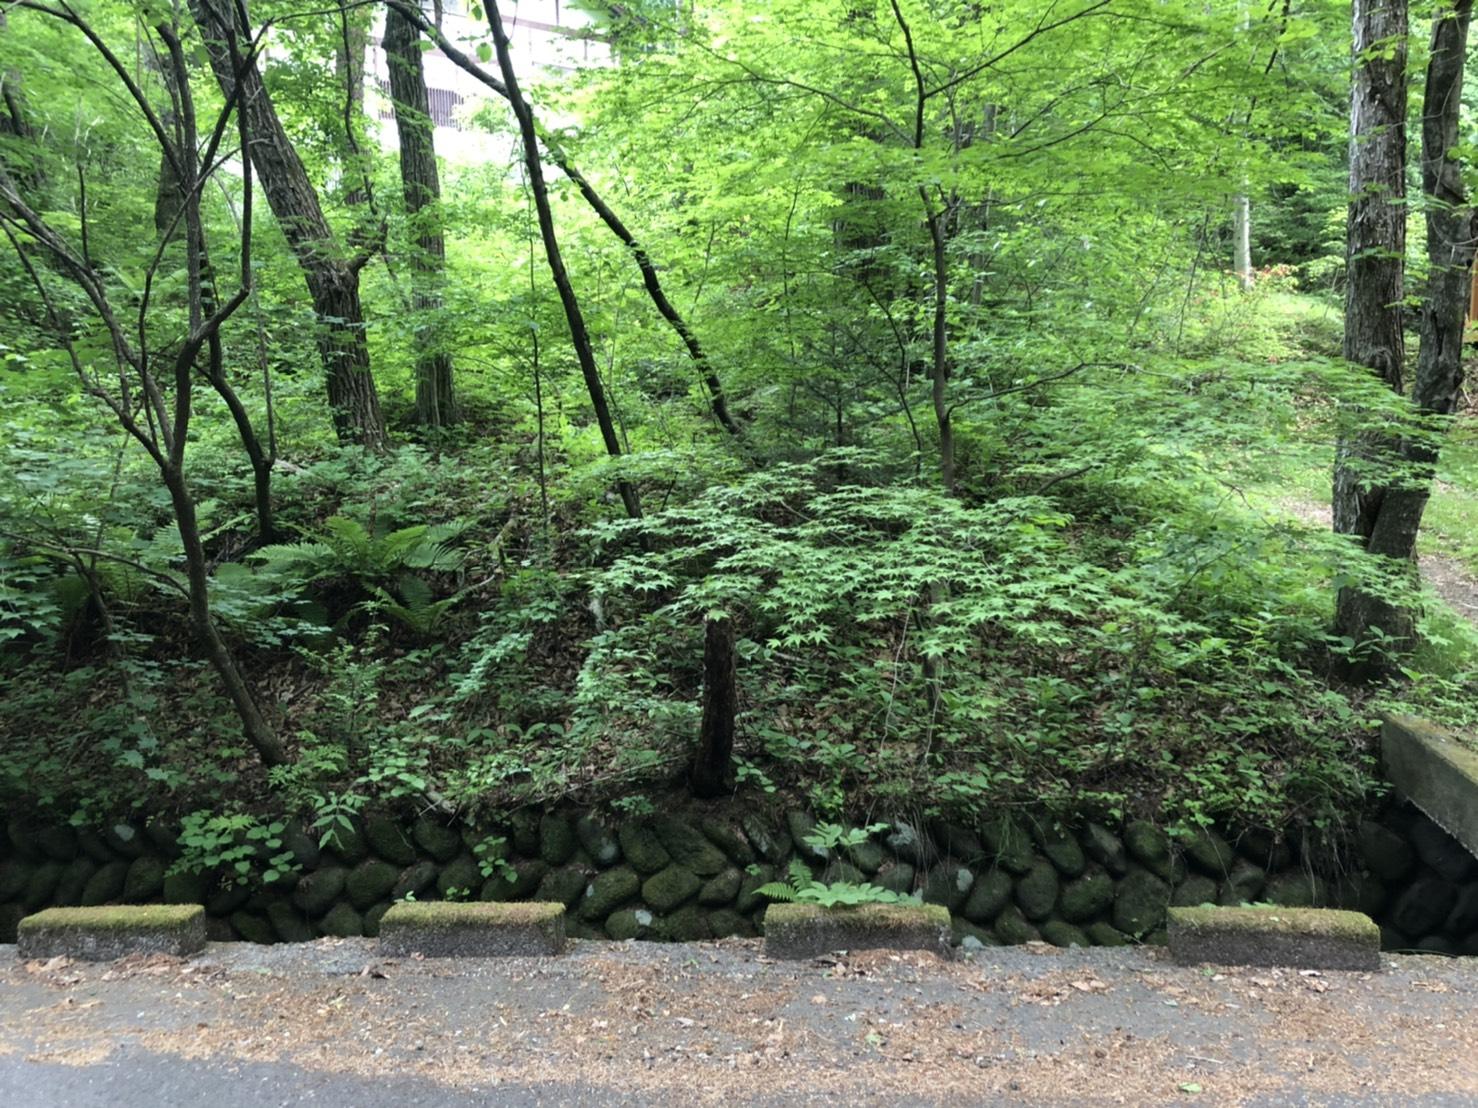 【千ヶ滝別荘地 中区 歌鳥の里 土地】小川のせせらぎを愉しむ別荘